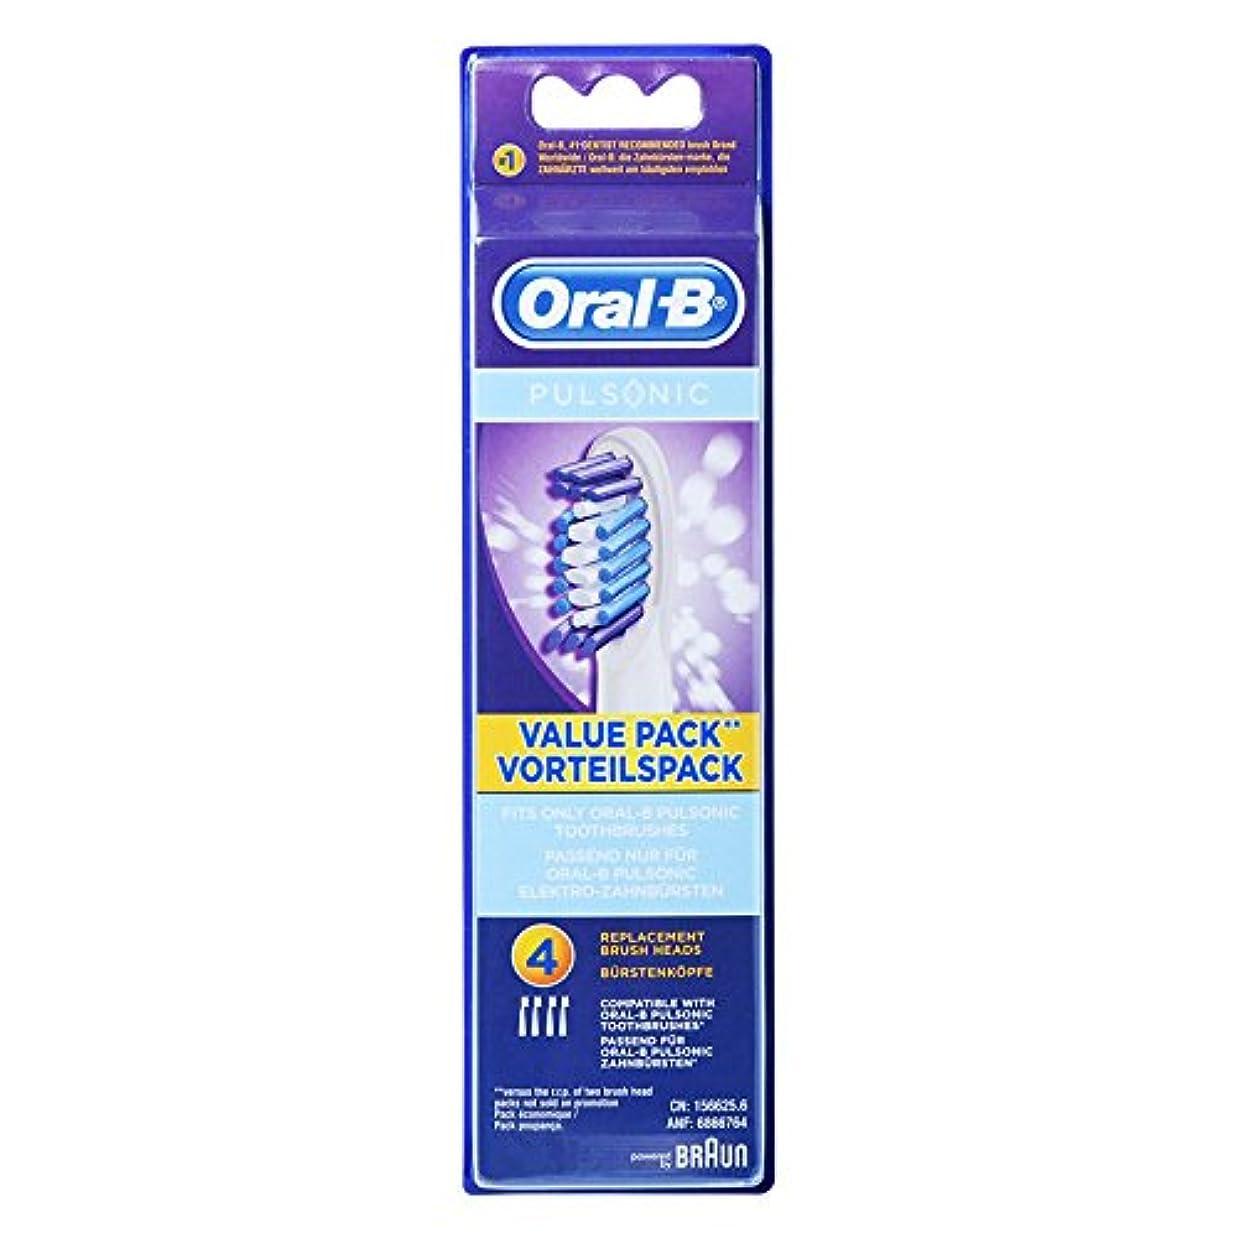 不格好変装ゼリーBraun Oral-B SR32-4 Pulsonic Value Pack 交換用ブラシヘッド 1Pack [並行輸入品]